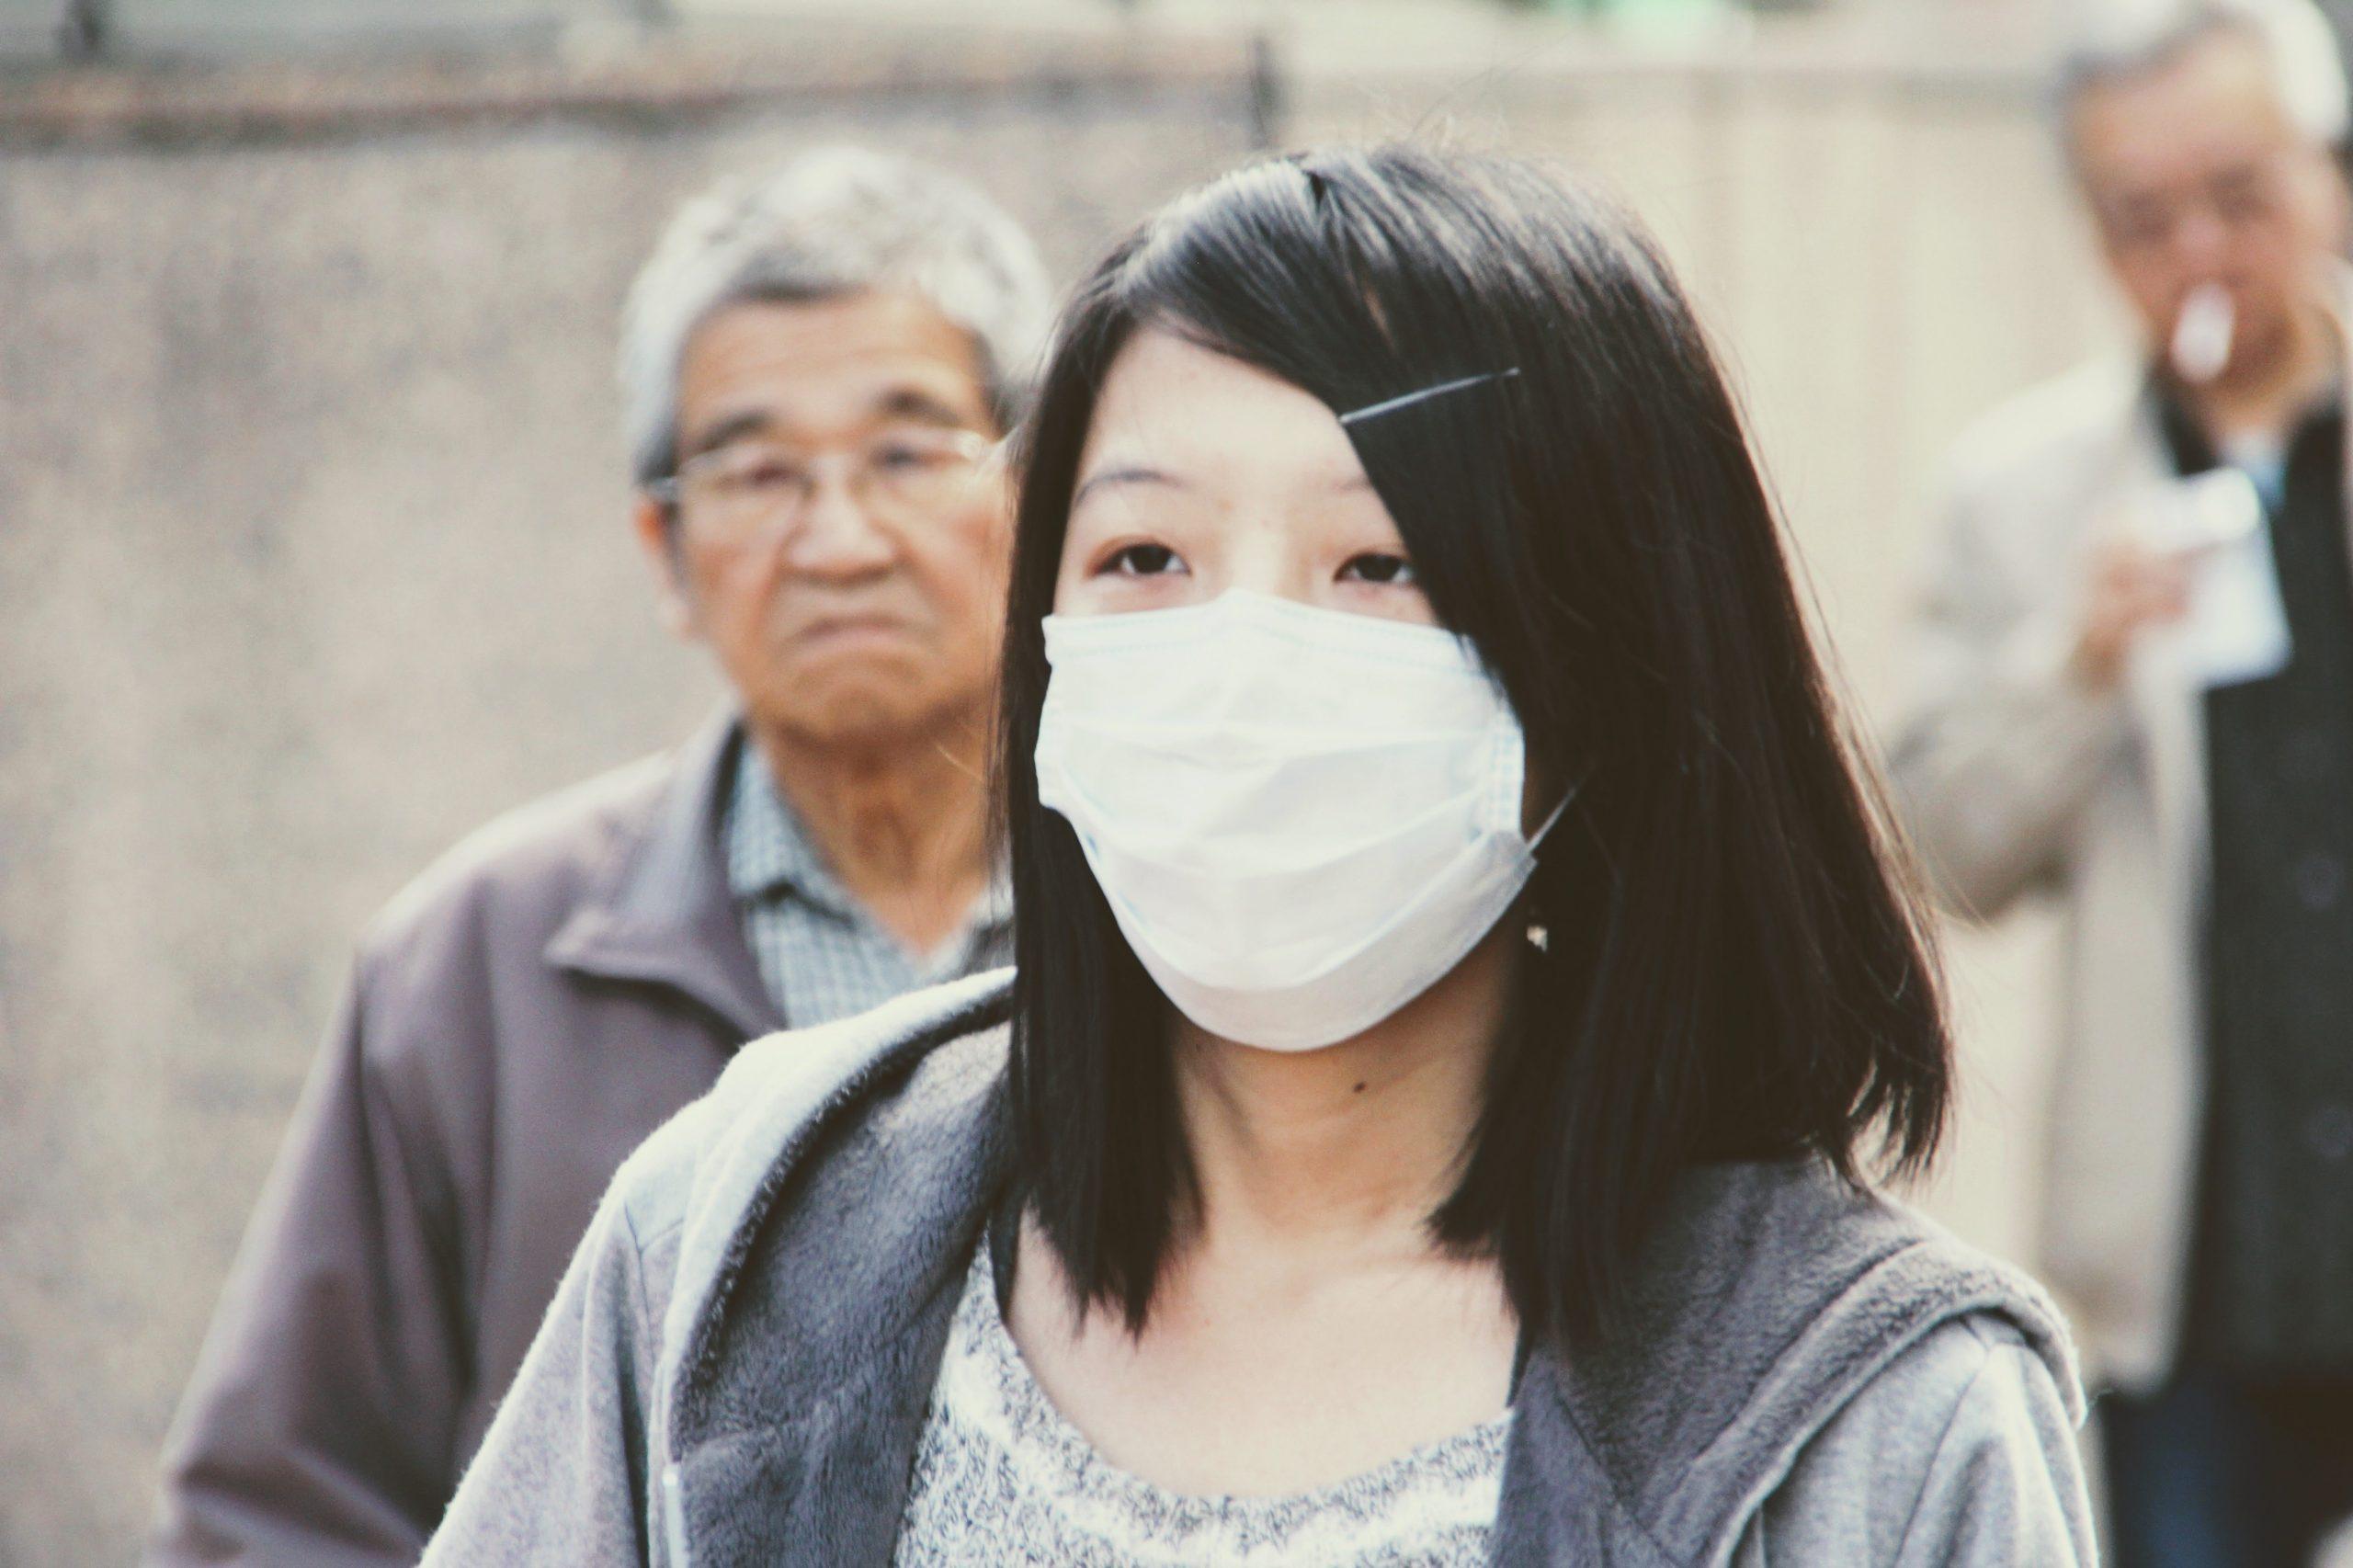 Passagiere aus DACH, die eine Kreuzfahrt in Asien gebucht haben, können derzeit noch nicht wegen des Coronavirus kostenfrei stornieren